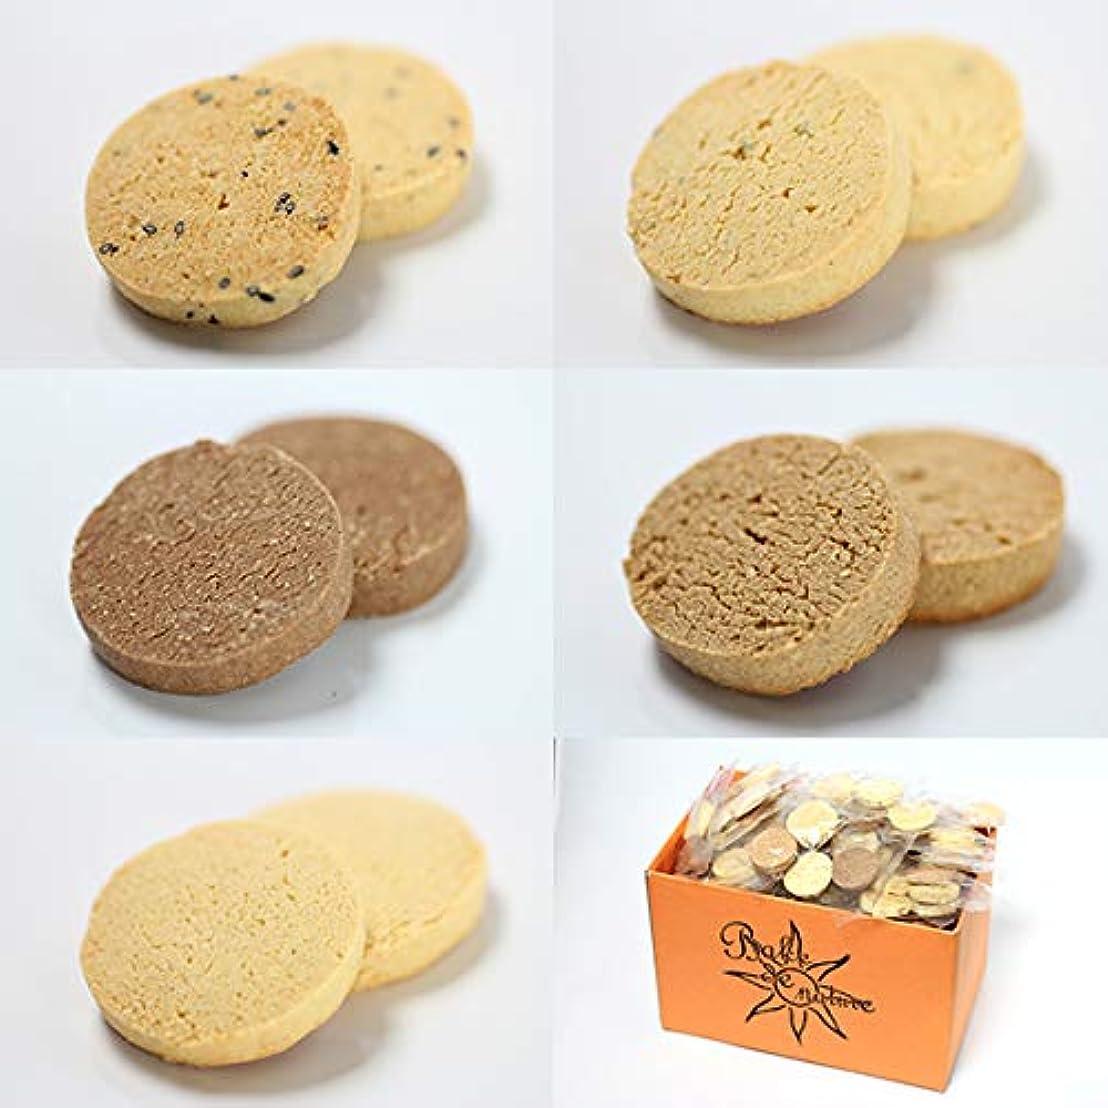 いじめっ子振る舞う粘土新感覚!大人気5種類!Triple Free 豆乳おからクッキー 1kg(個包装)小麦粉不使用のダイエットクッキー